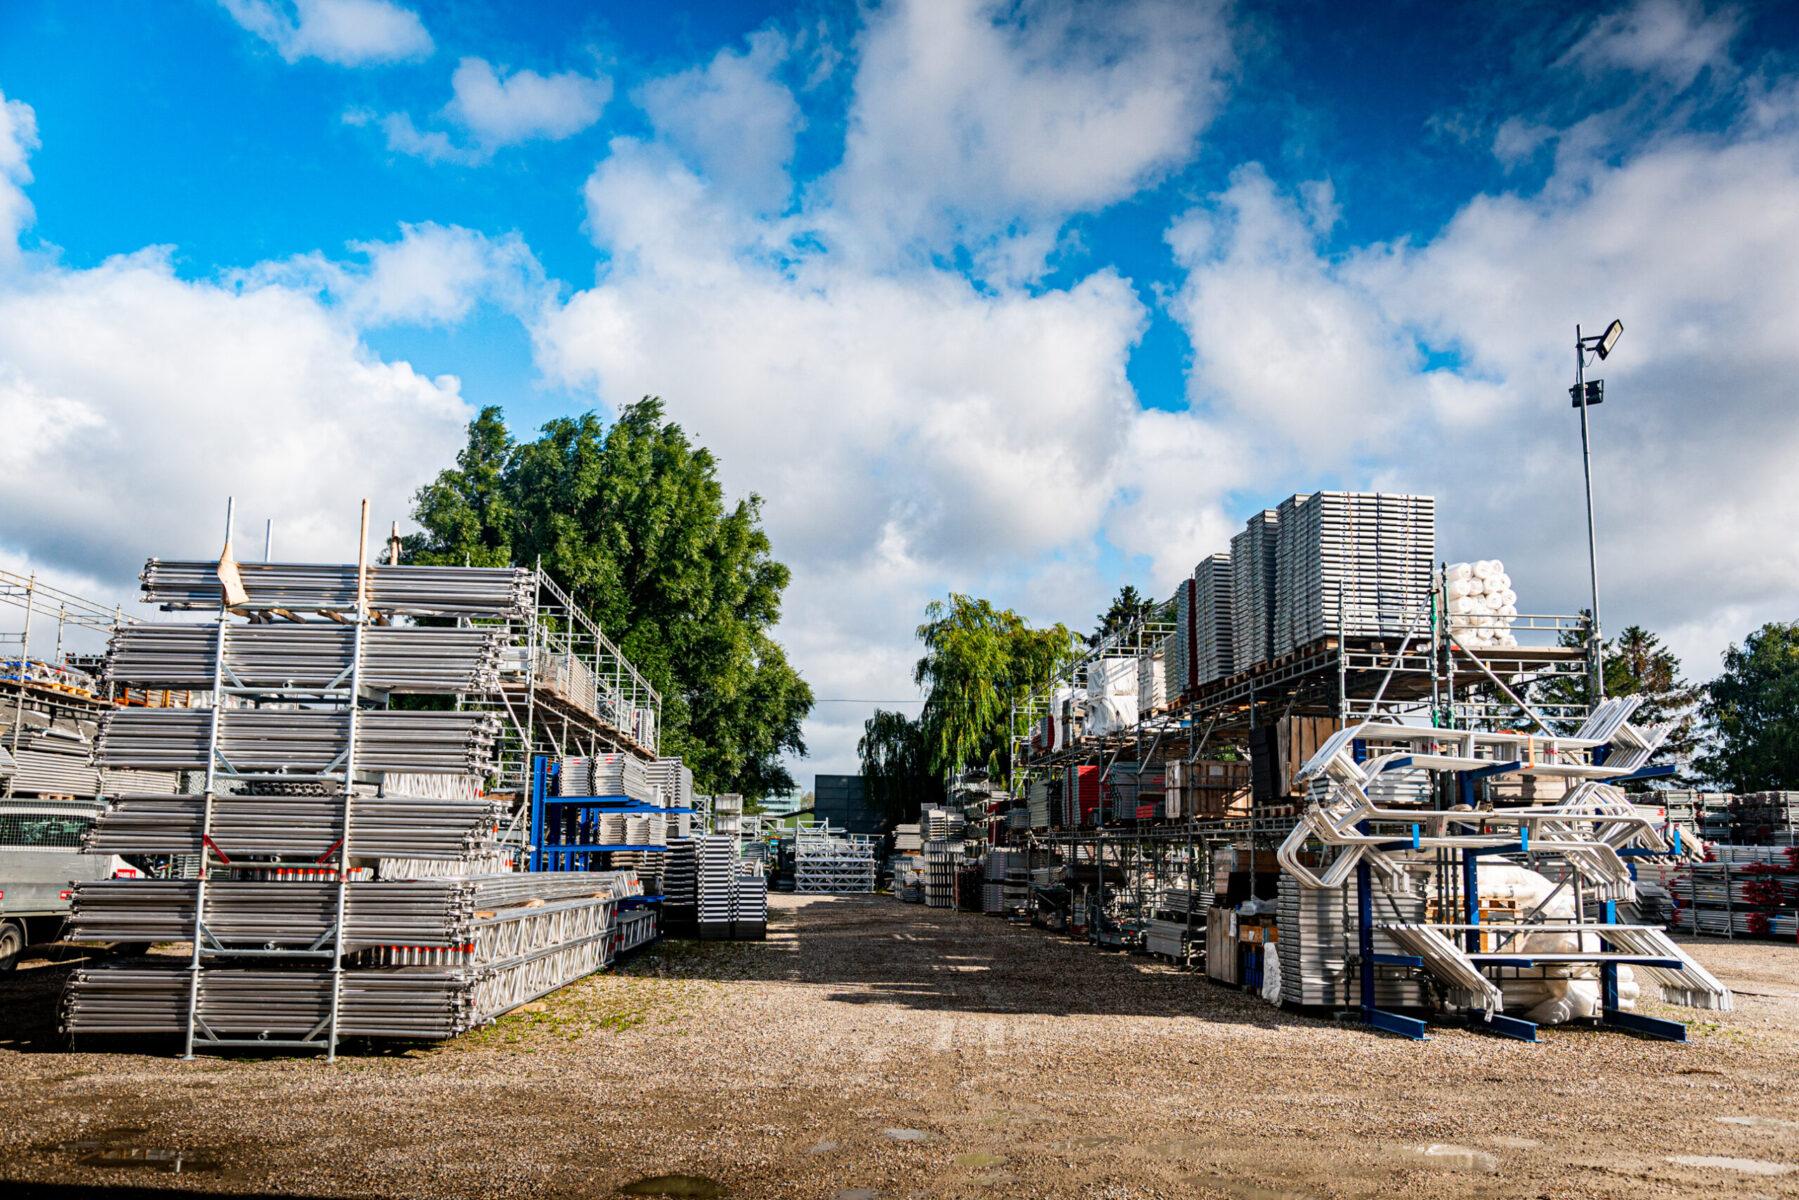 Pladsen på Industriholmen 35 2650 Hvidovre. Stilladsplads til systemstillads